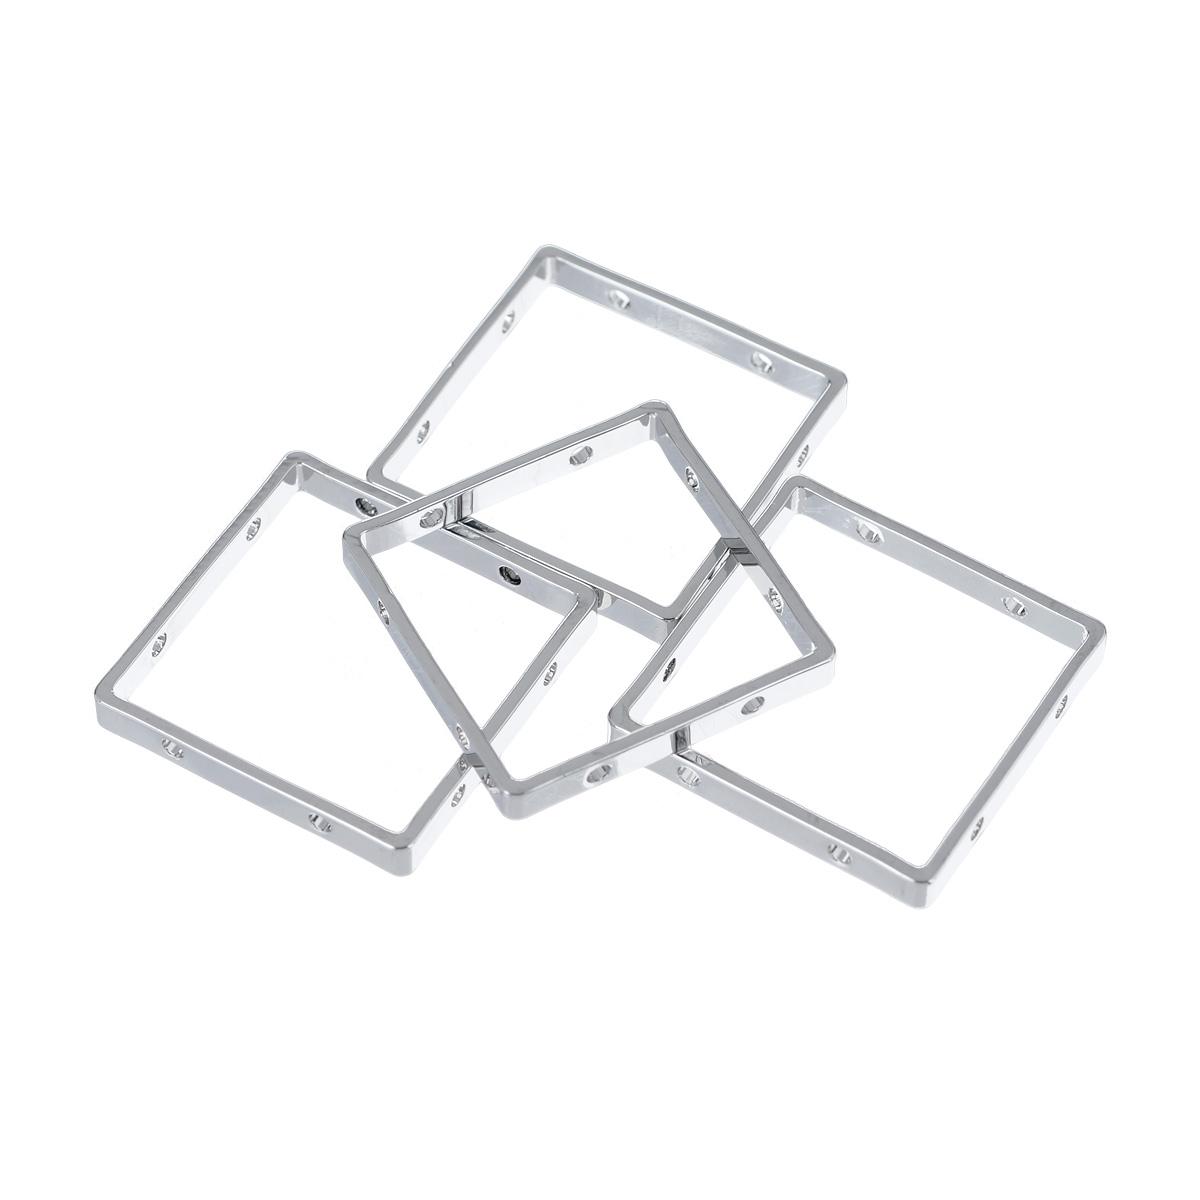 Основа для украшений Fimo, 25 мм х 25 мм, 4 шт8625-22Основа для украшений Fimo изготовлена из серебристого металла, без содержания никеля. Не тускнеет со временем. Основа квадратной формы, с отверстиями. Идеально подходит для изготовления ожерелий, сережек, браслетов. Бижутерия, сделанная своими руками, стильно дополнит ваш образ и подчеркнет вашу яркую индивидуальность. Толщина: 3 мм.